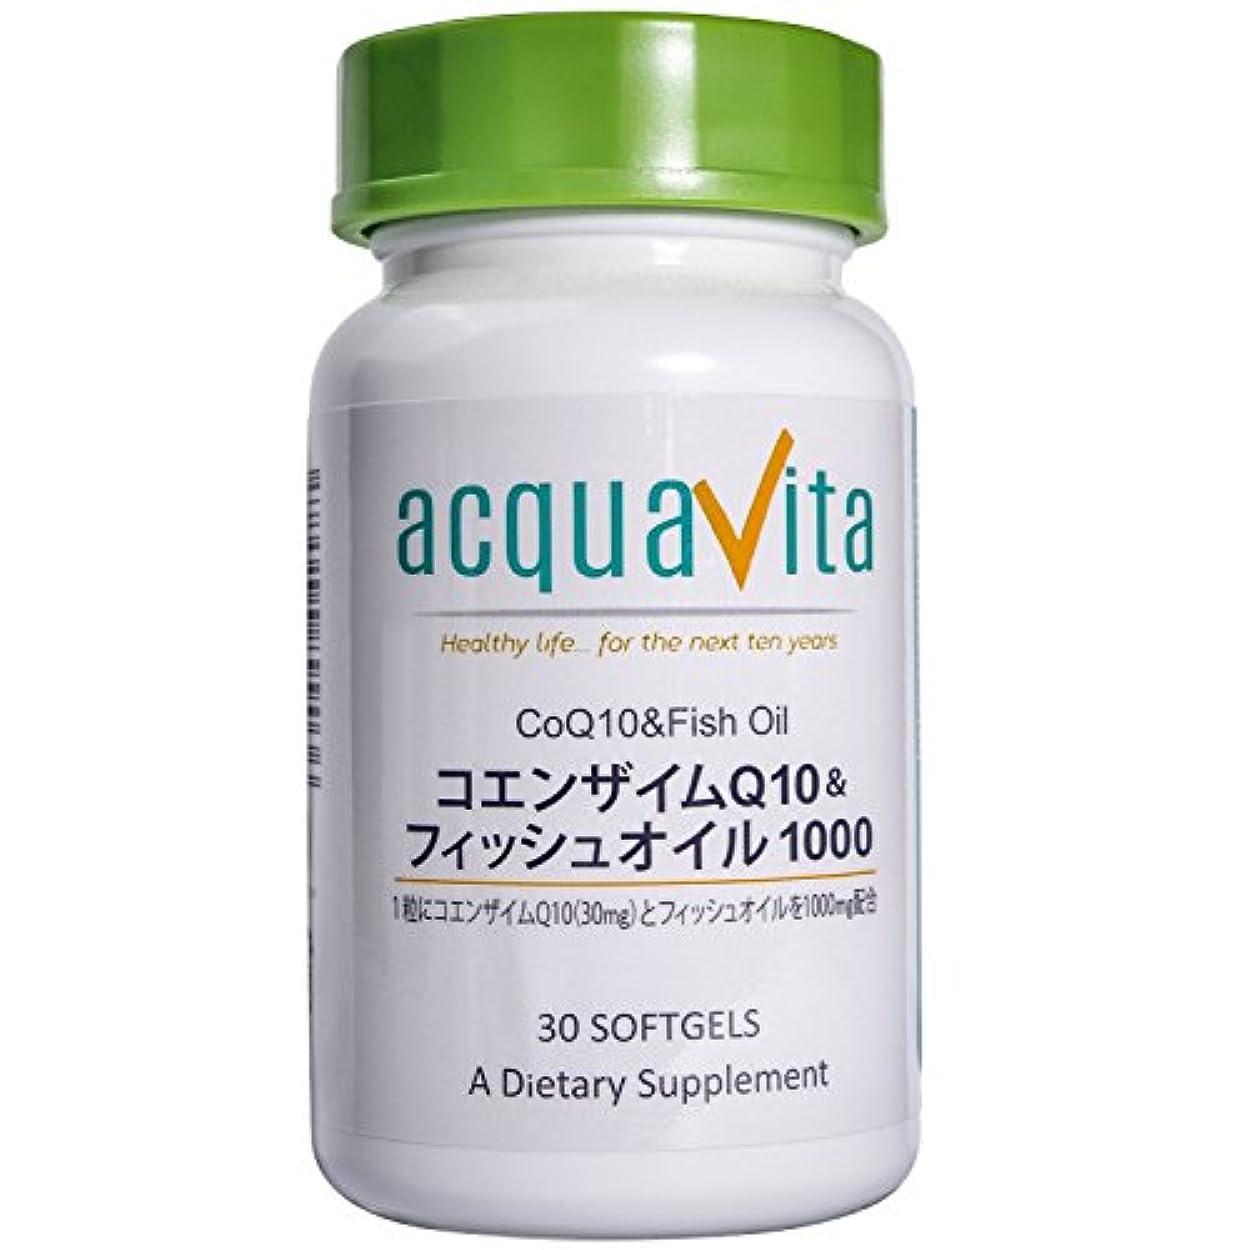 人事ずっとアパートAcqua vita(アクアヴィータ)コエンザイムQ10&フィッシュオイル1000 30粒